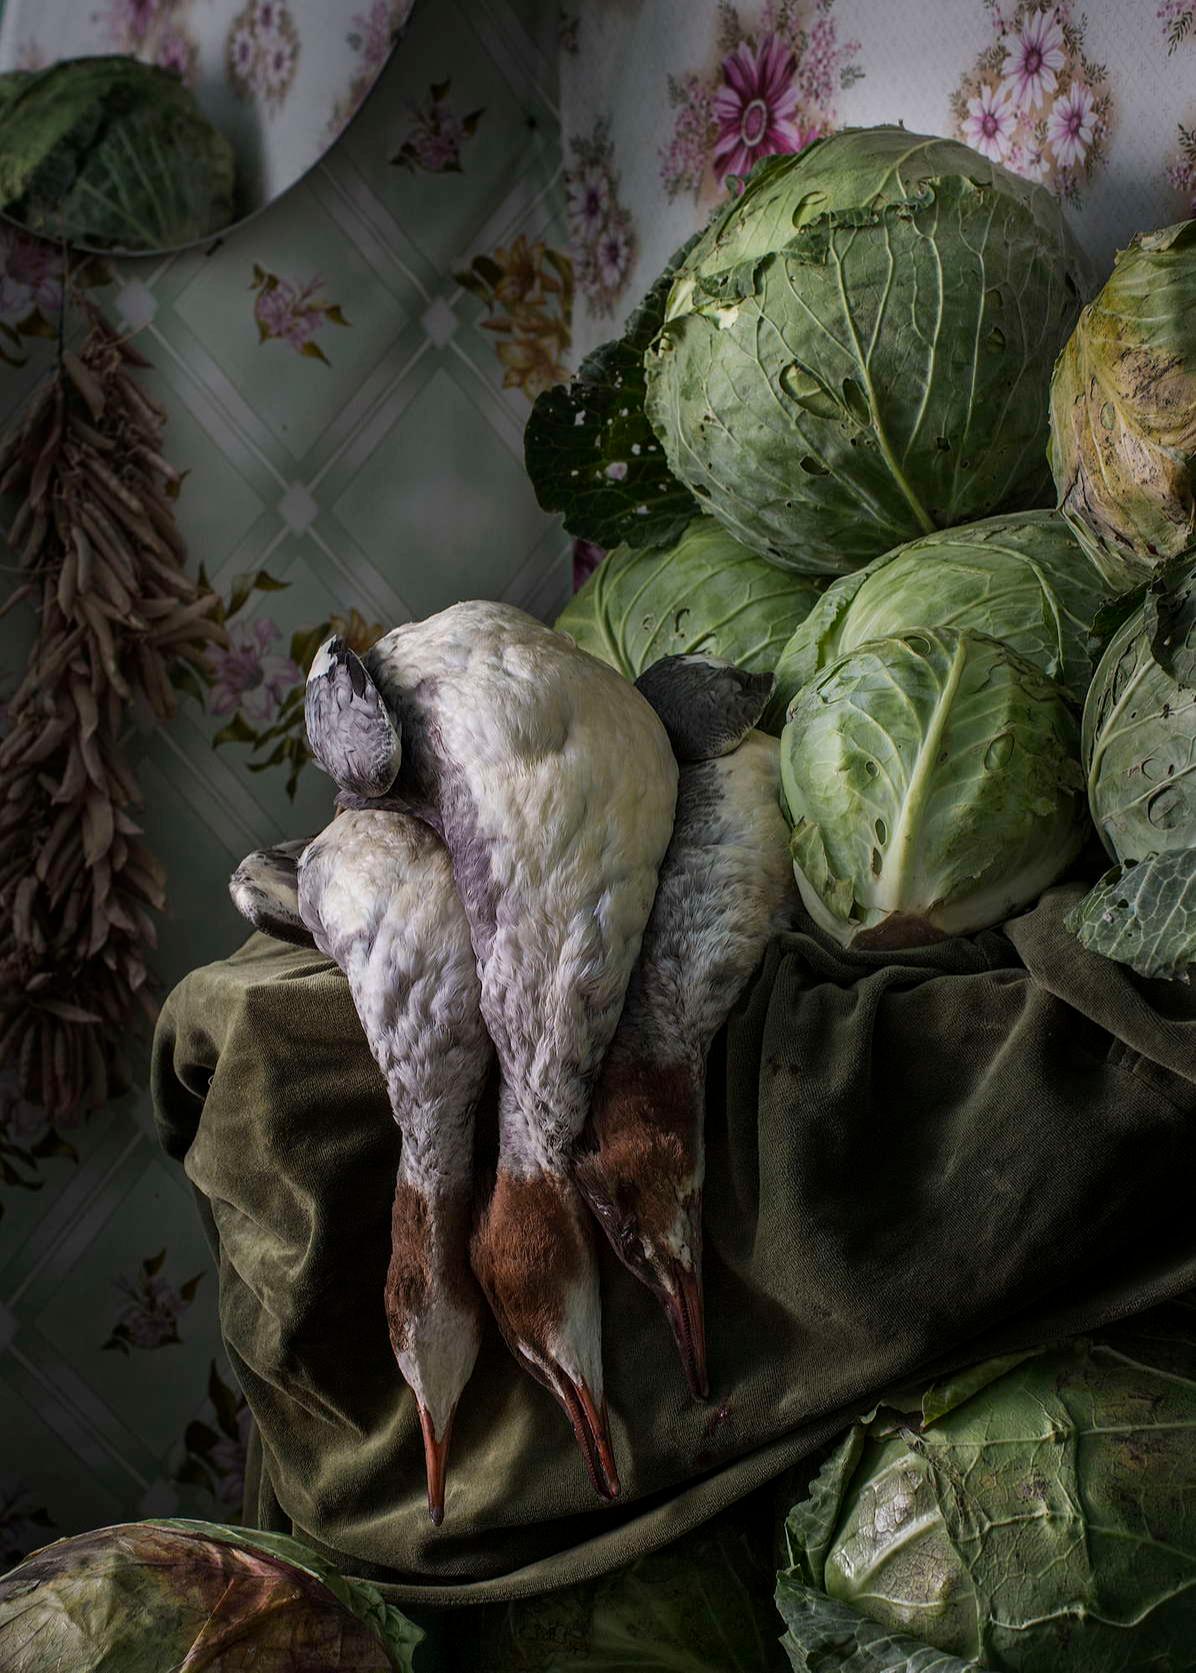 «Утки с капустой и кедровыми орехами», 2019, фотопечать, 71 х 50 см, тираж 10 экземпляров, 165000 руб.